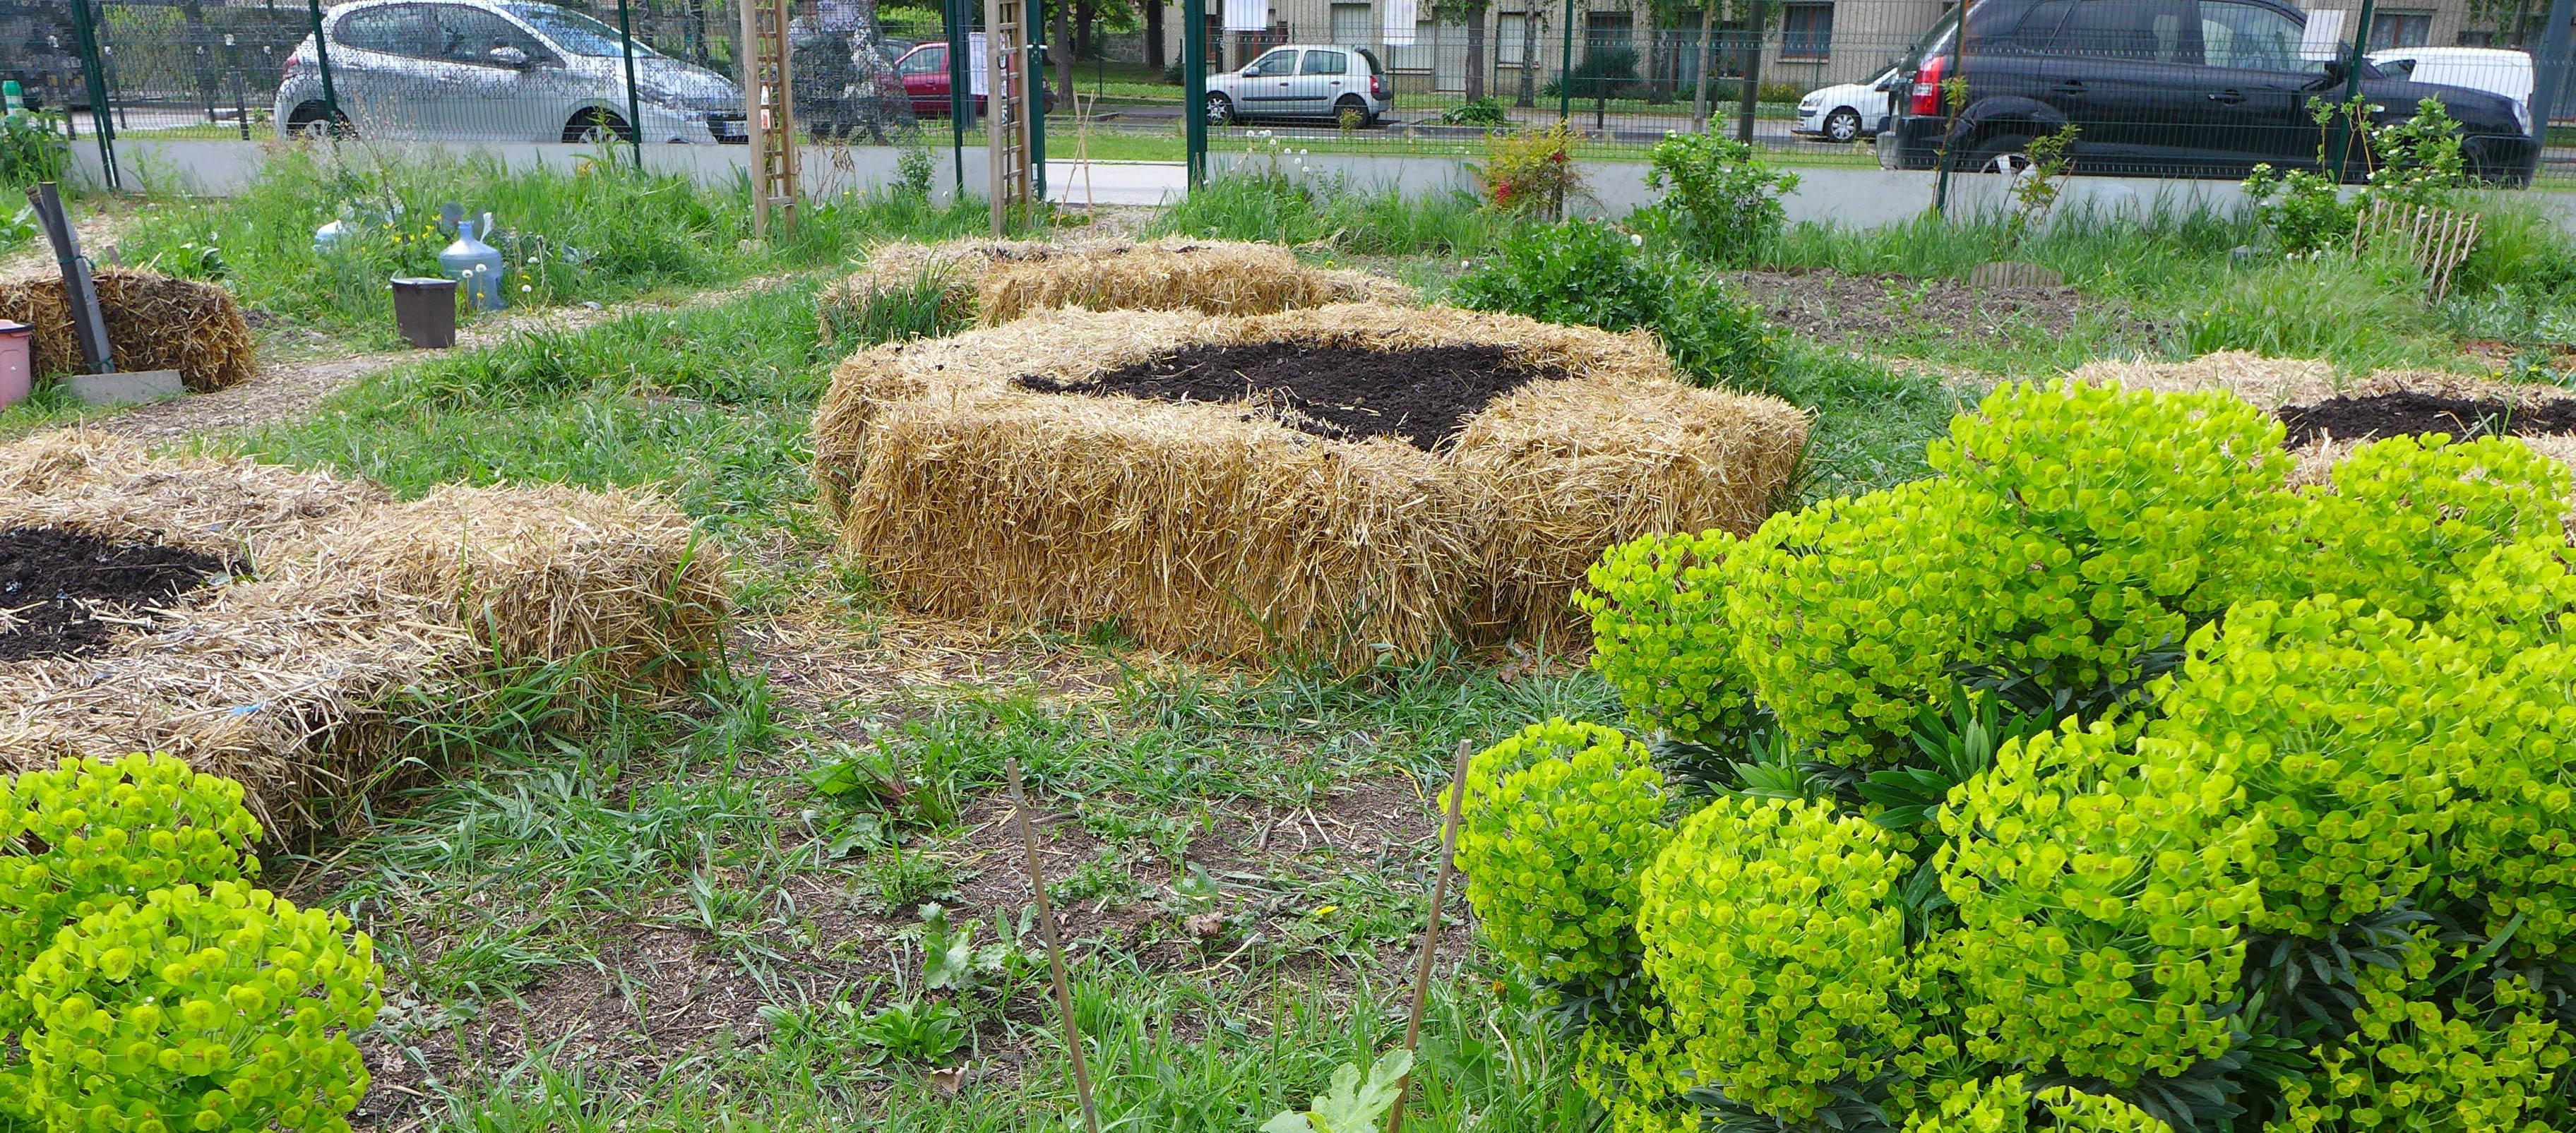 Un Petit Potager Productif pour un jardin en permaculture : découvrez les piscines à